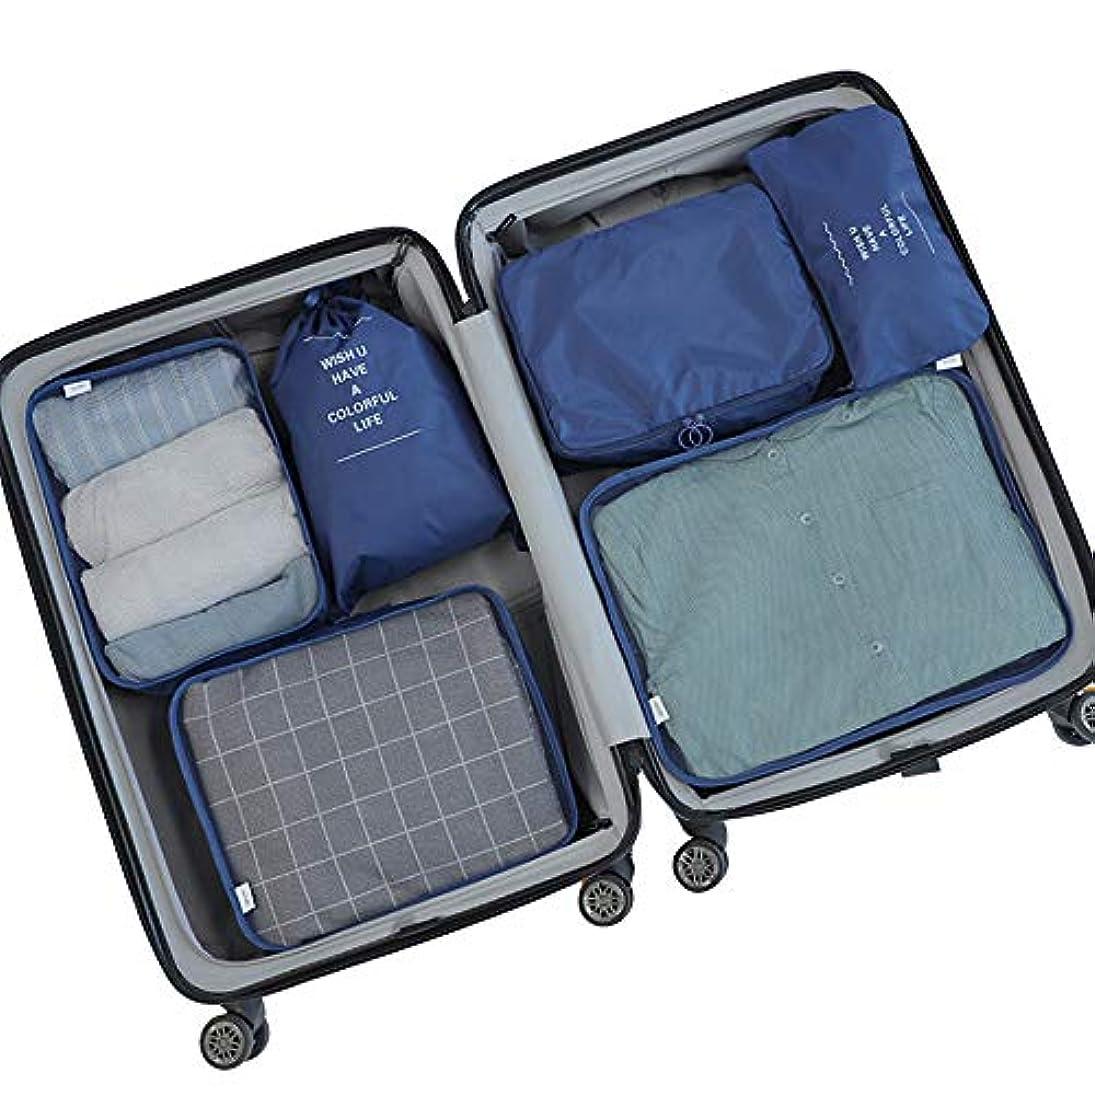 タック物理的な中断トラベルポーチ 6点セット 収納ポーチ 旅行用 衣類 バッグ ケース 化粧ポーチ メンズ 大容量 防水